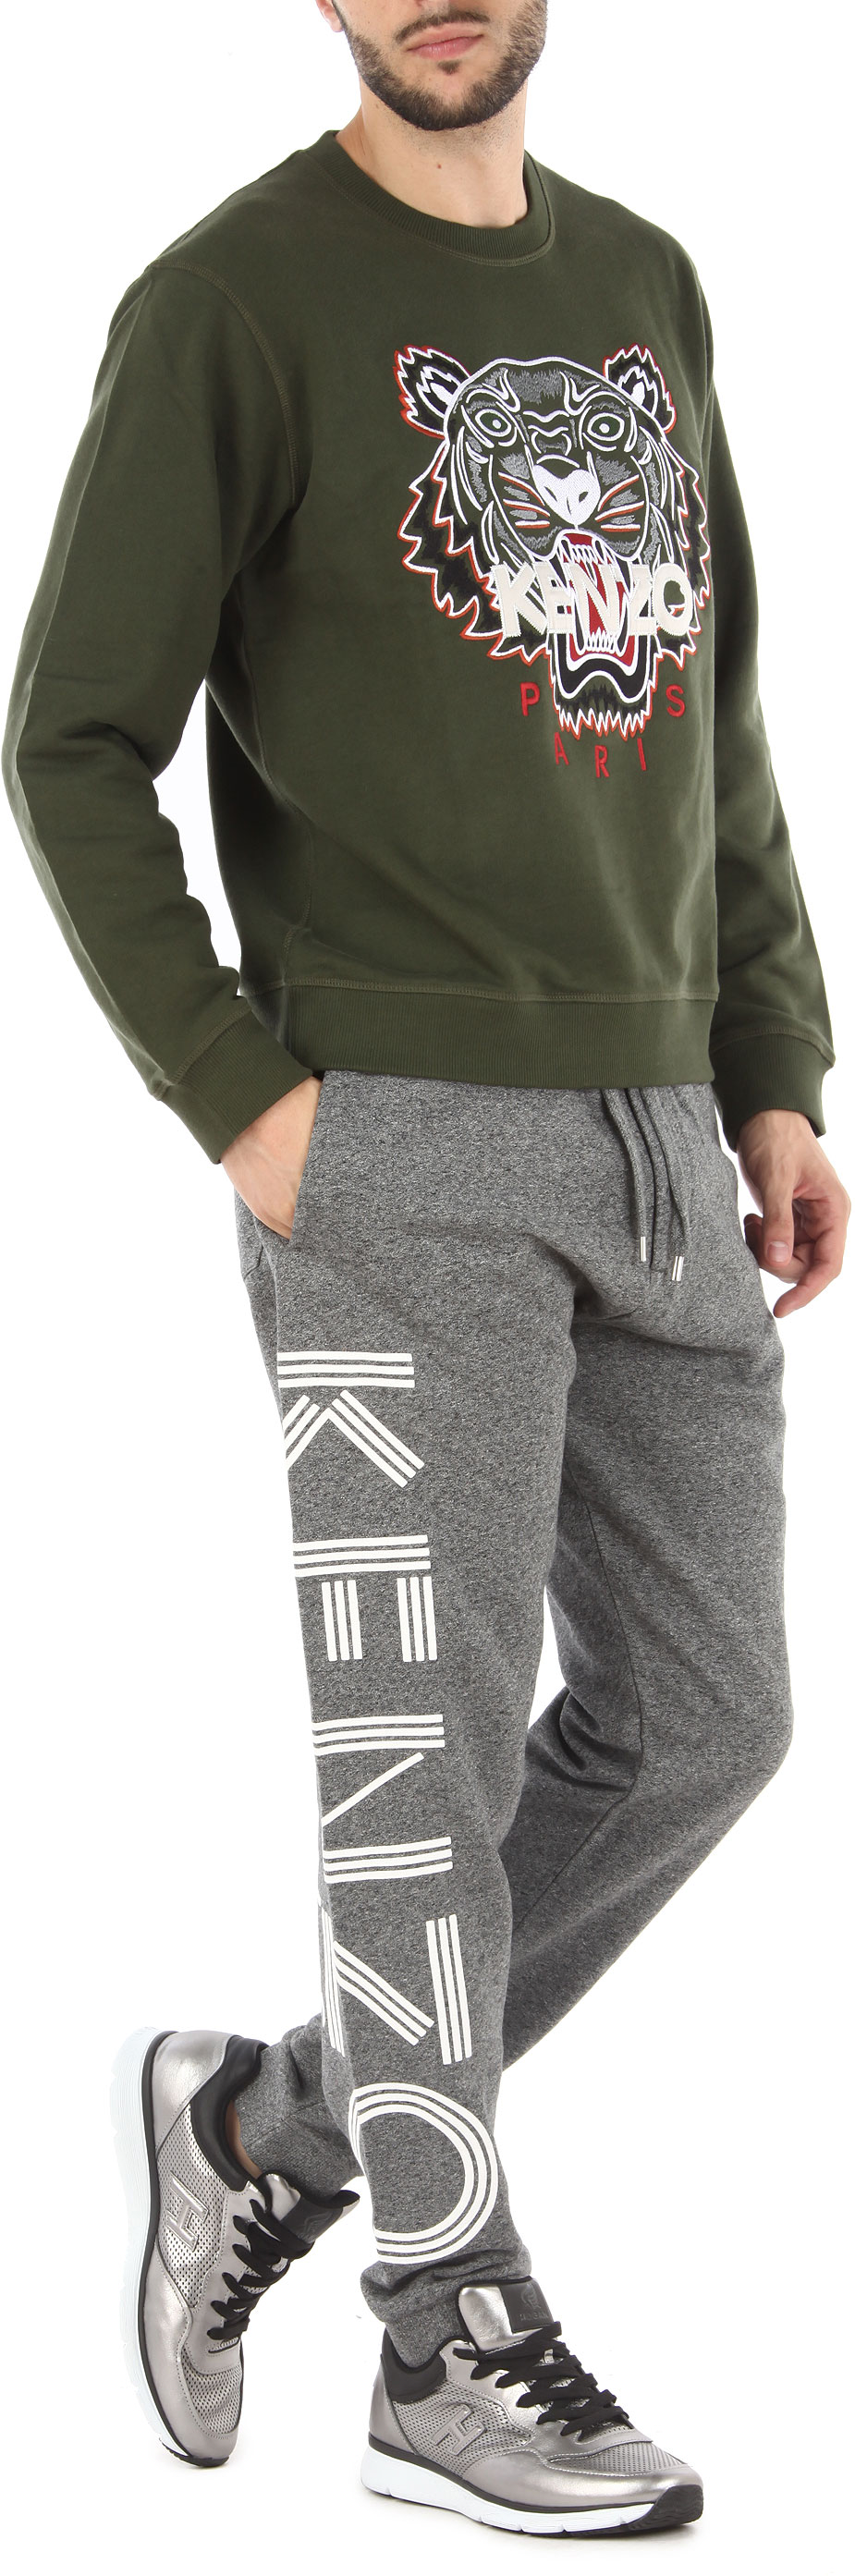 Abbigliamento Uomo Kenzo, Codice Articolo: 5pa716-4md-98